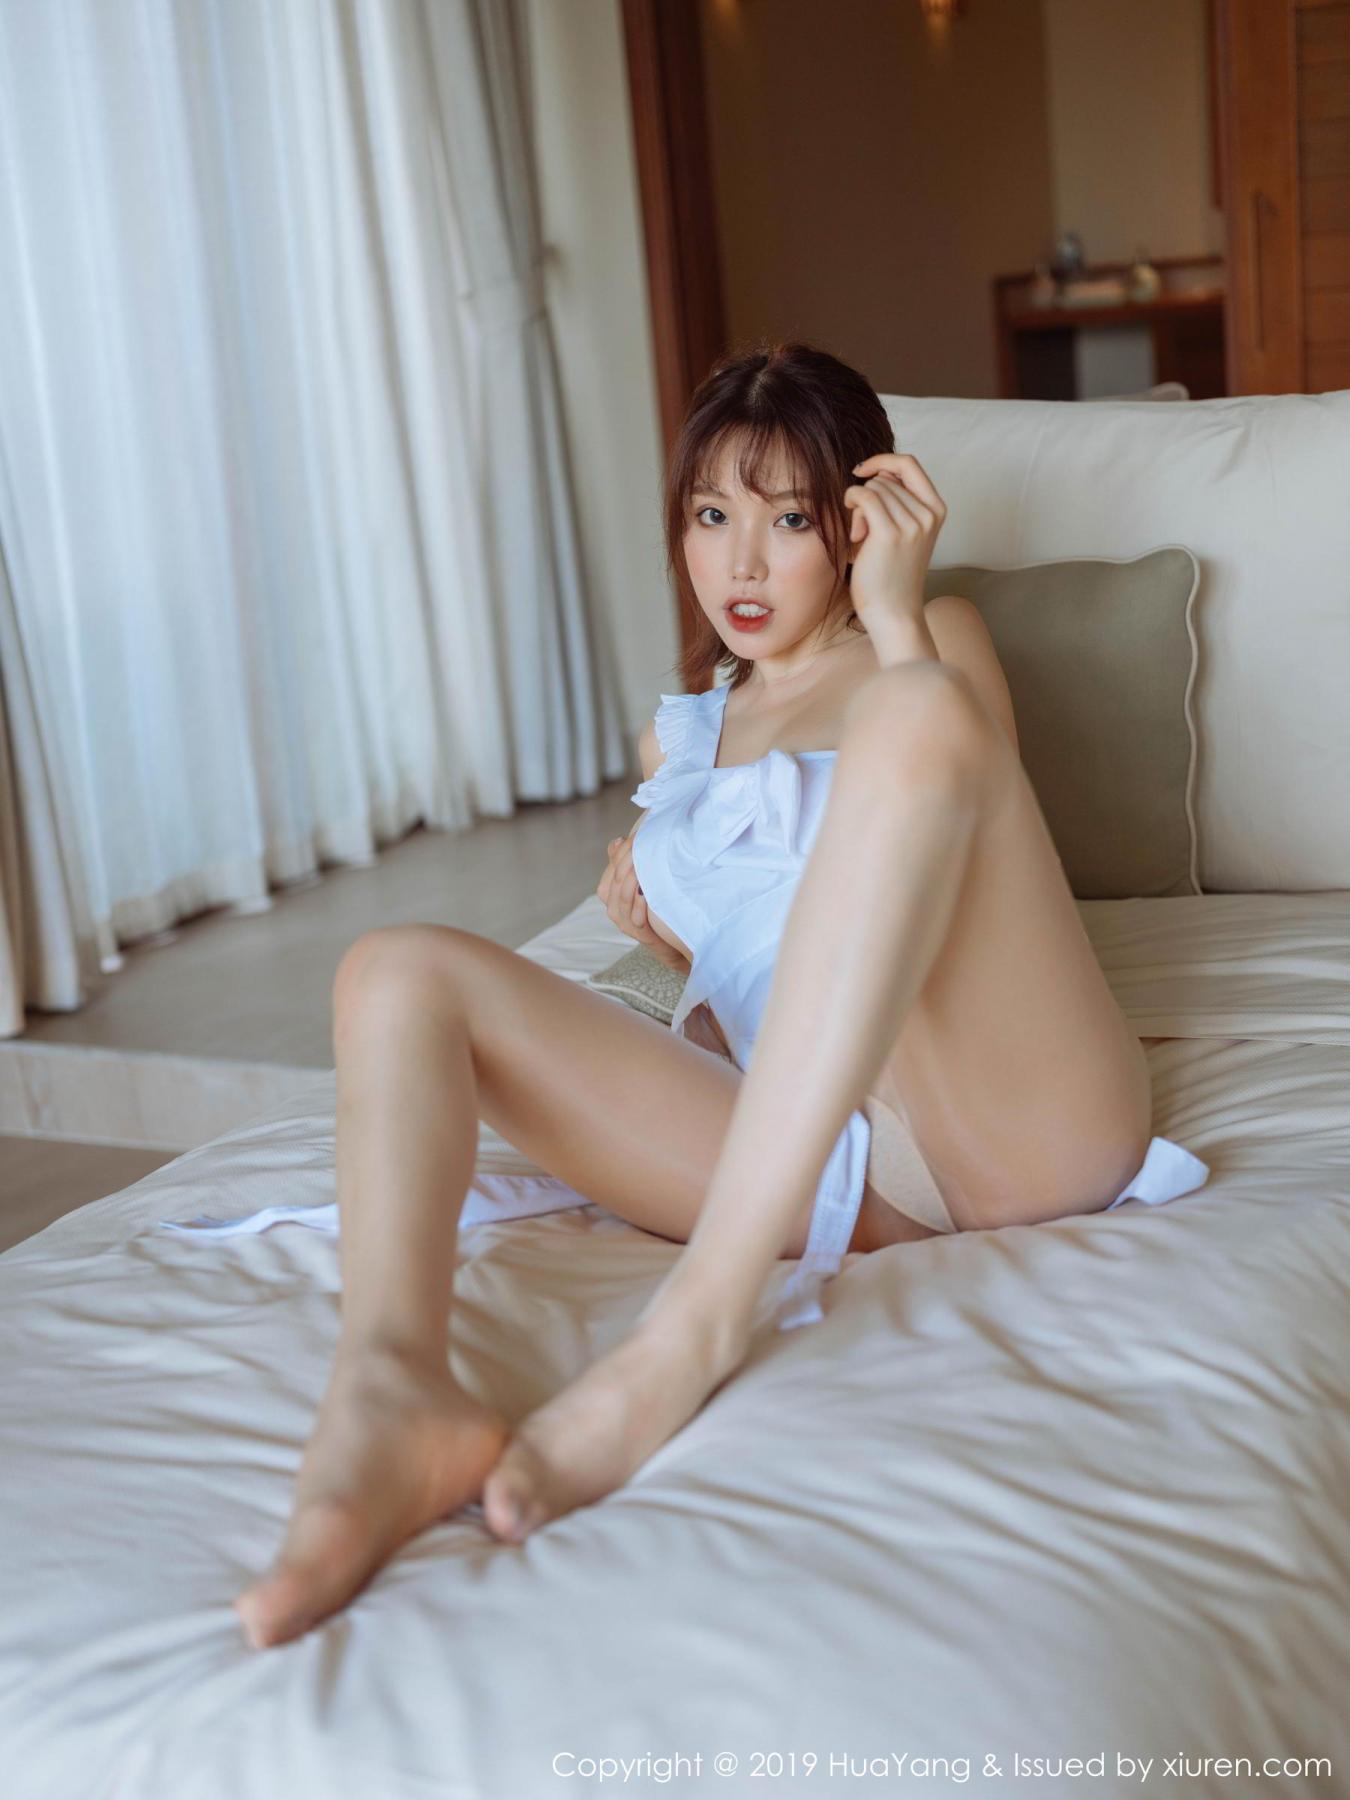 [Huayang] Vol.134 Huang Le Ran 38P, Huang Le Ran, HuaYang, Maid, Sexy